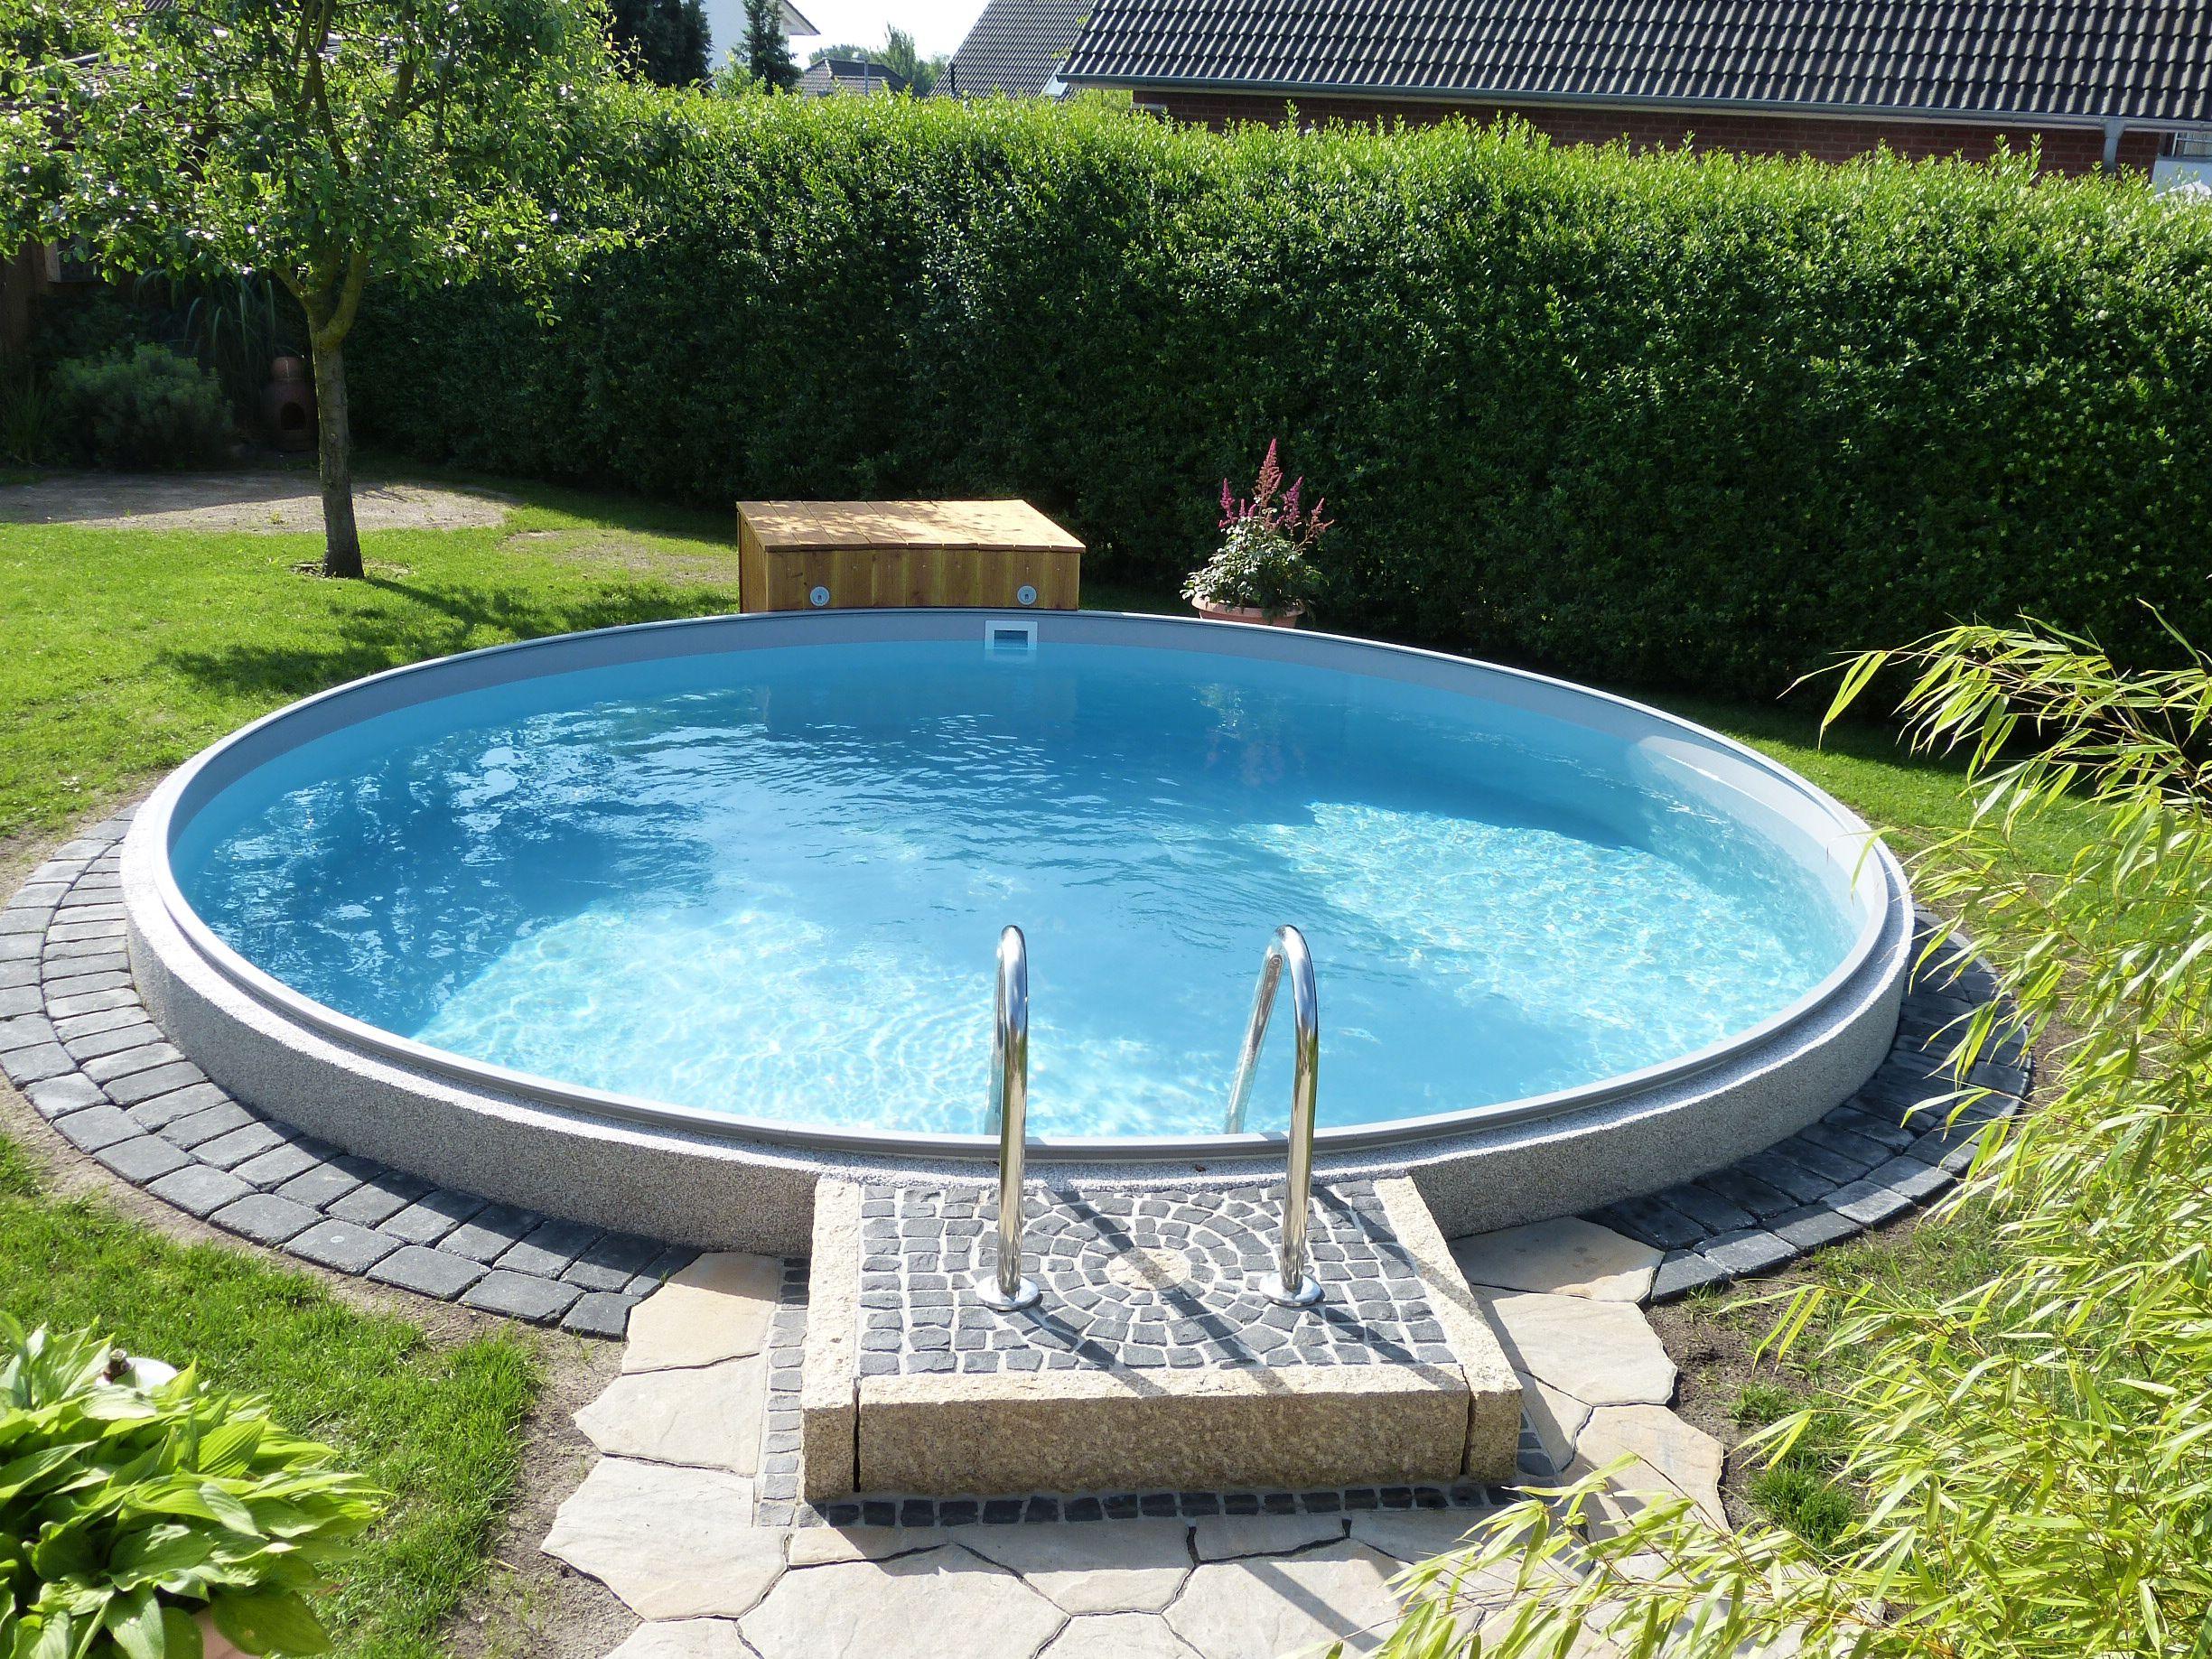 poolakademie.de - bauen sie ihren pool selbst! wir helfen ihnen ... - Garten Ideen Mit Pool